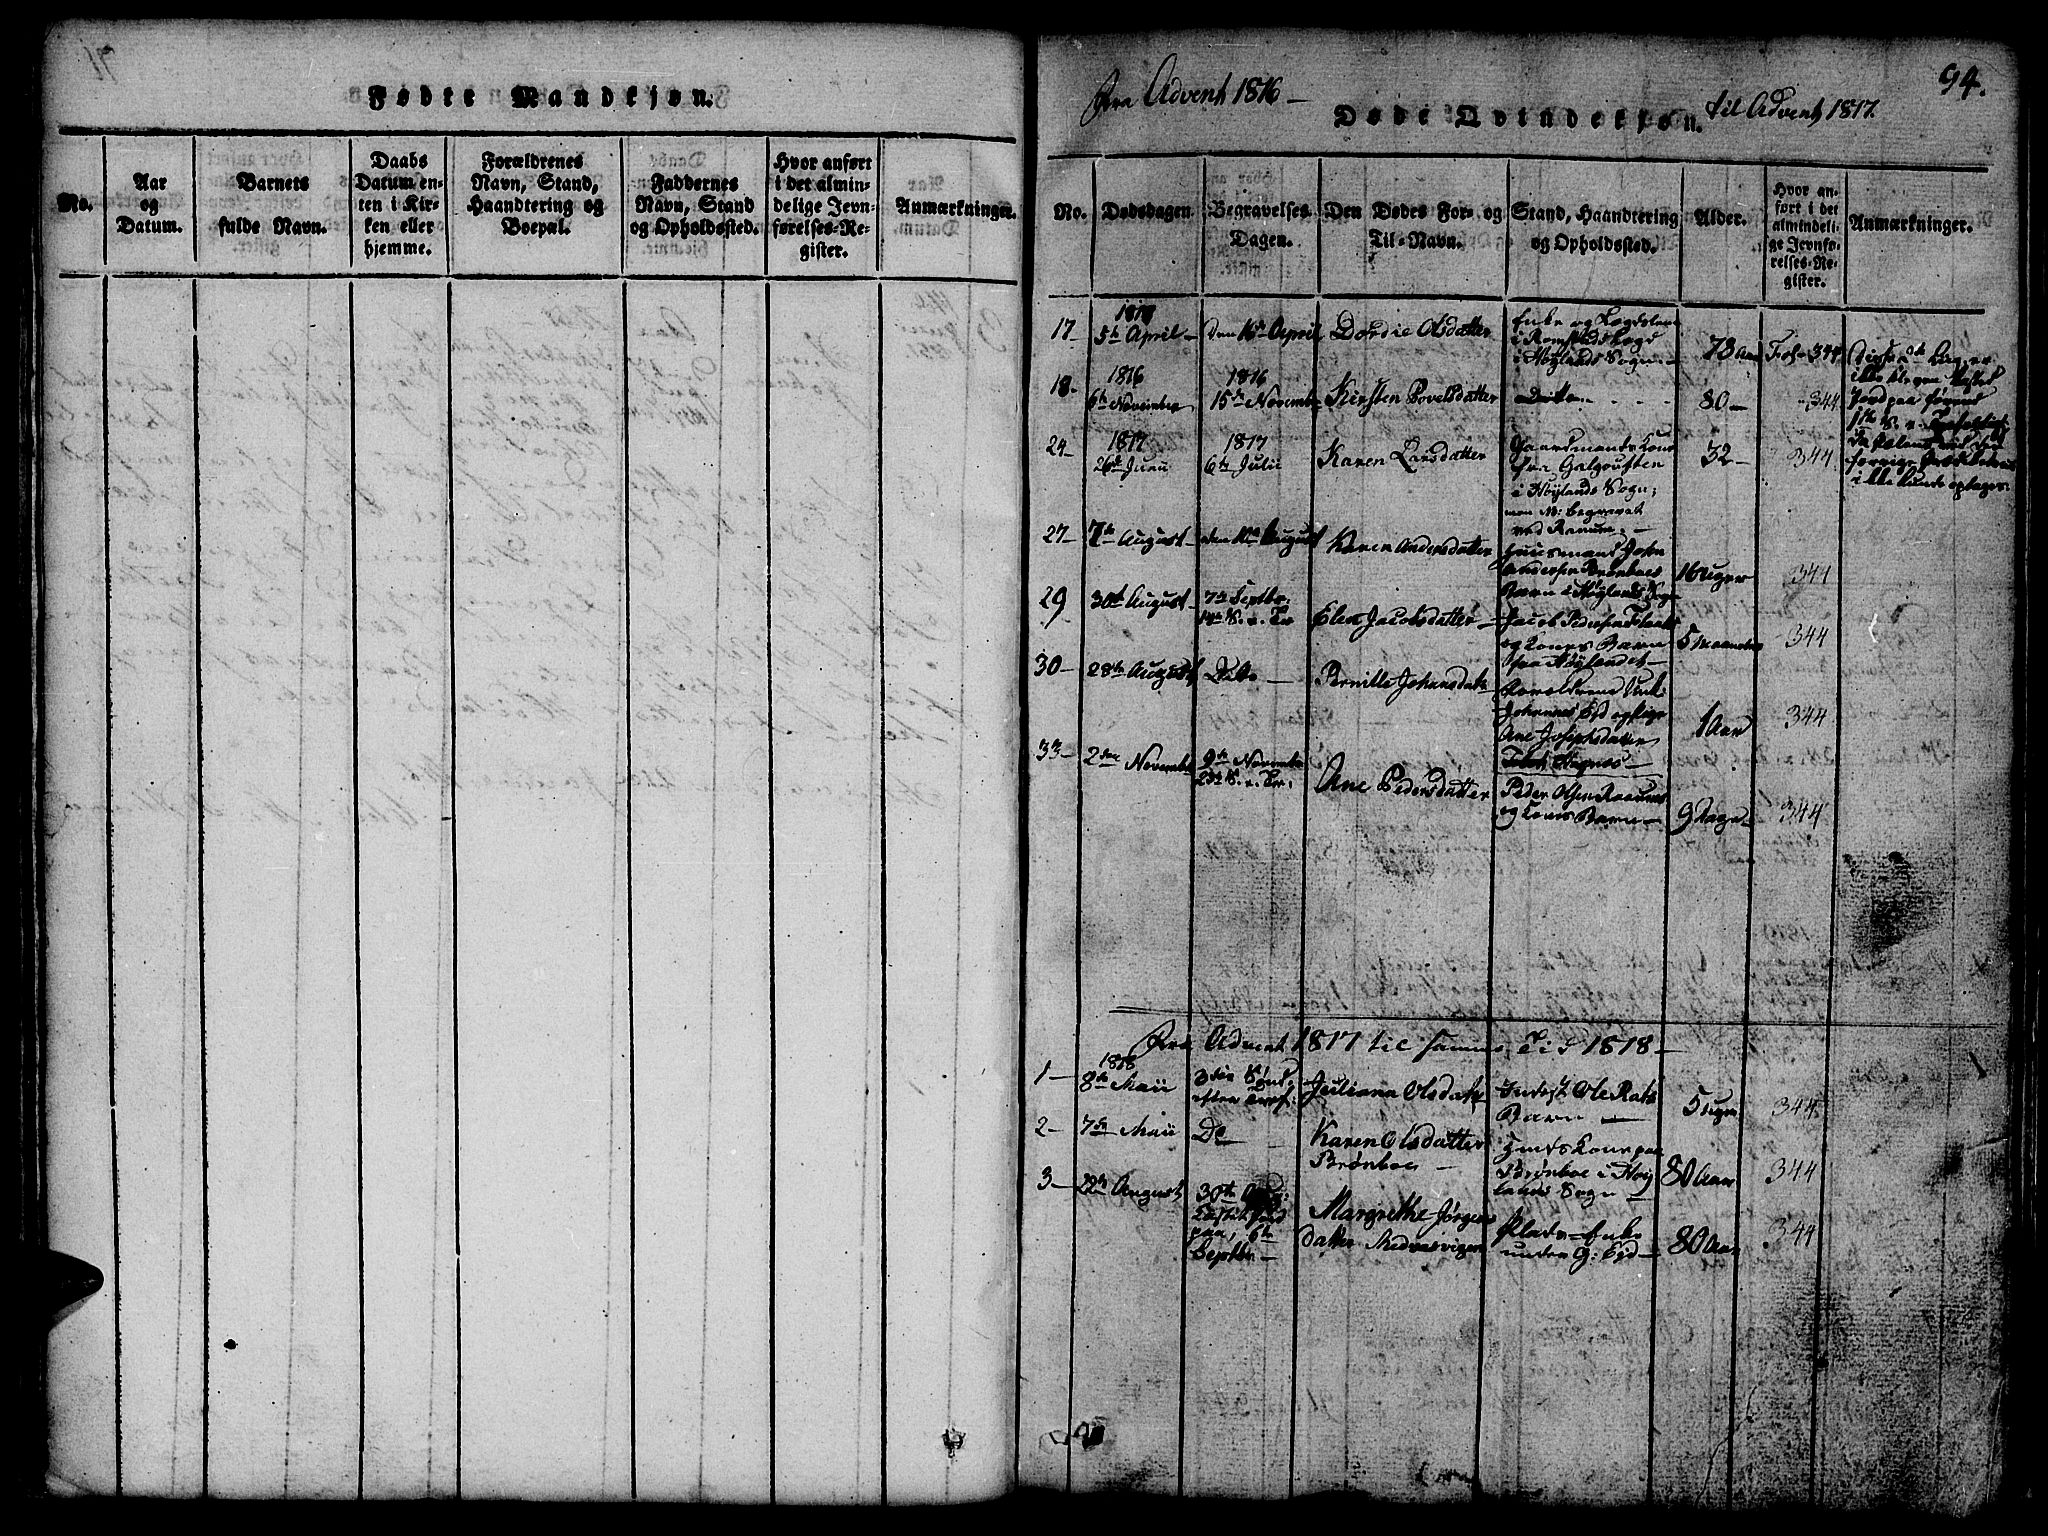 SAT, Ministerialprotokoller, klokkerbøker og fødselsregistre - Nord-Trøndelag, 765/L0562: Klokkerbok nr. 765C01, 1817-1851, s. 94